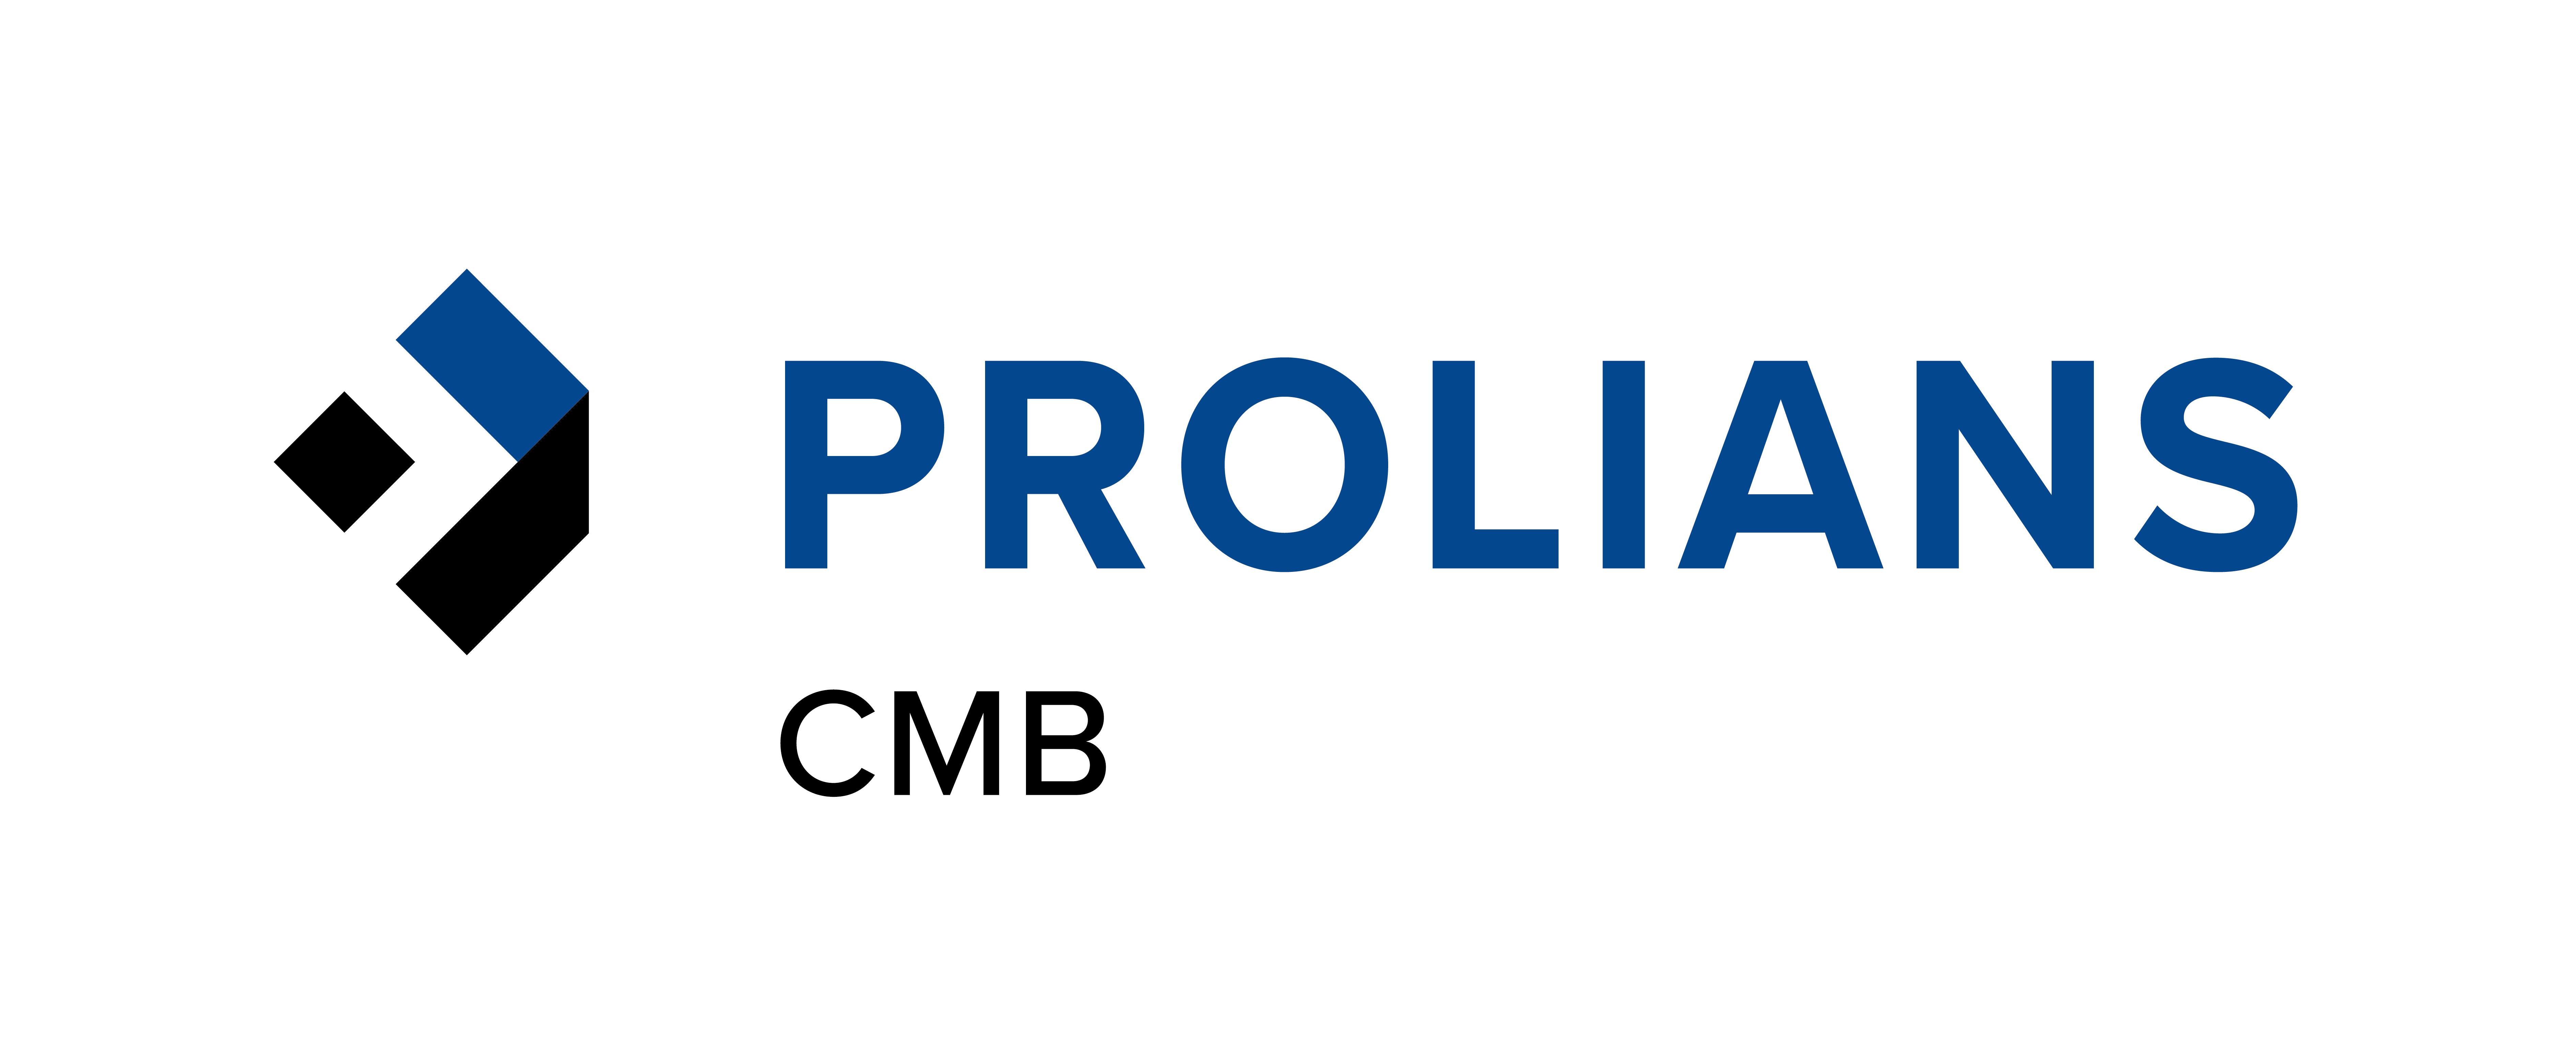 PROLIANS – CMB